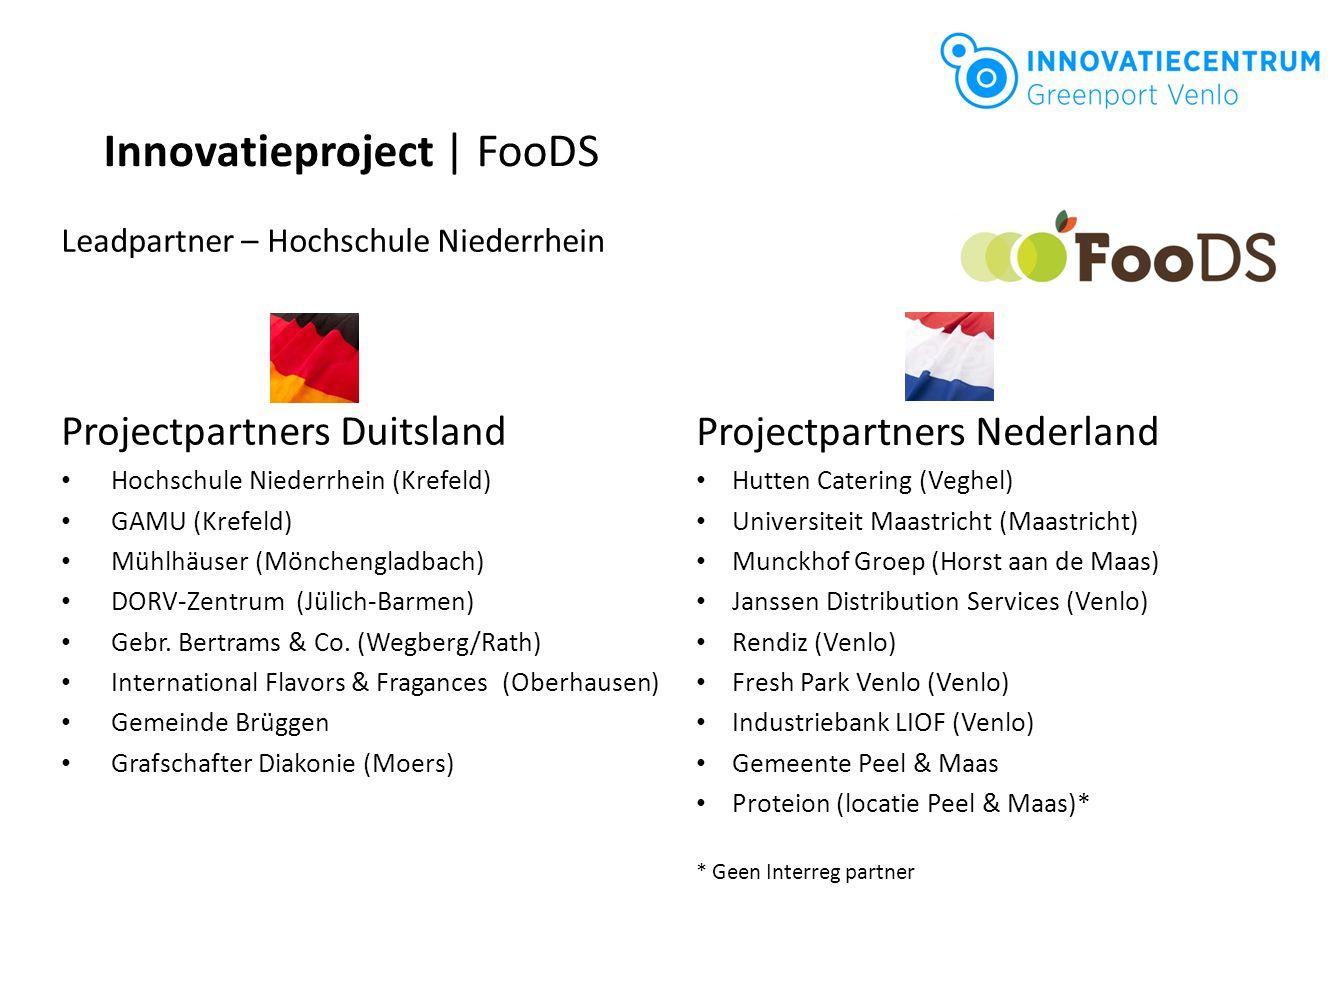 Projectpartners Duitsland Hochschule Niederrhein (Krefeld) GAMU (Krefeld) Mühlhäuser (Mönchengladbach) DORV-Zentrum (Jülich-Barmen) Gebr. Bertrams & C